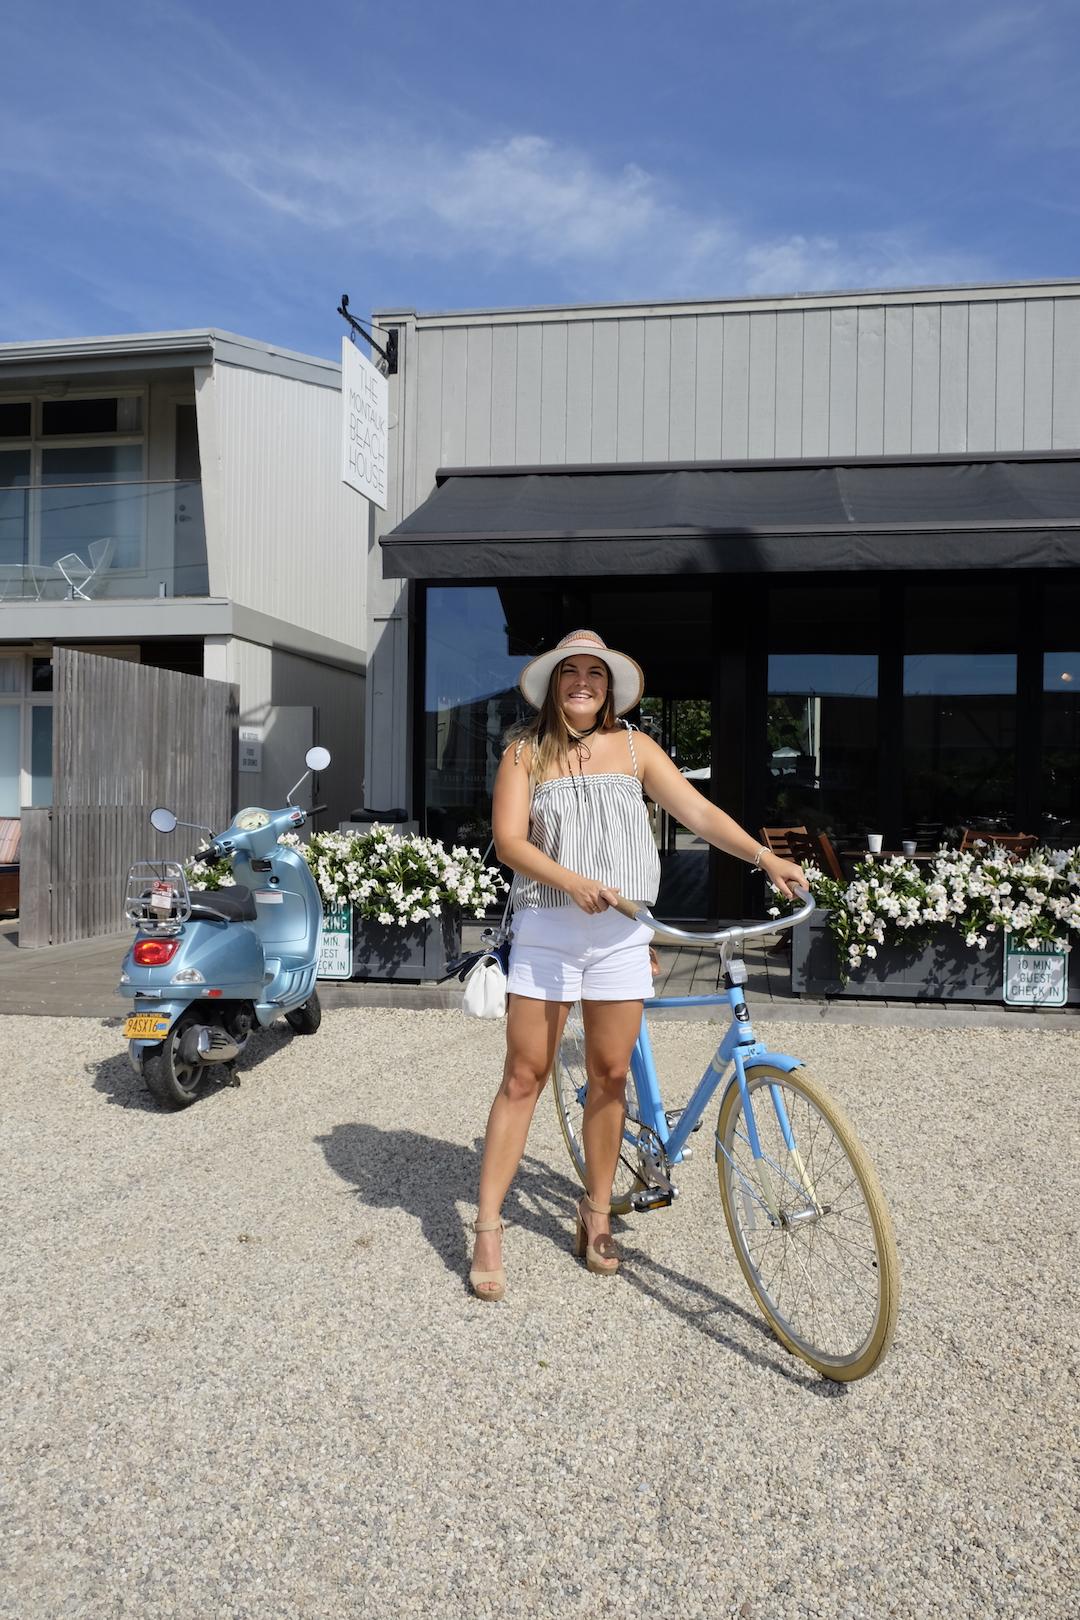 montauk_beachhouse-Hotel_querelles_17